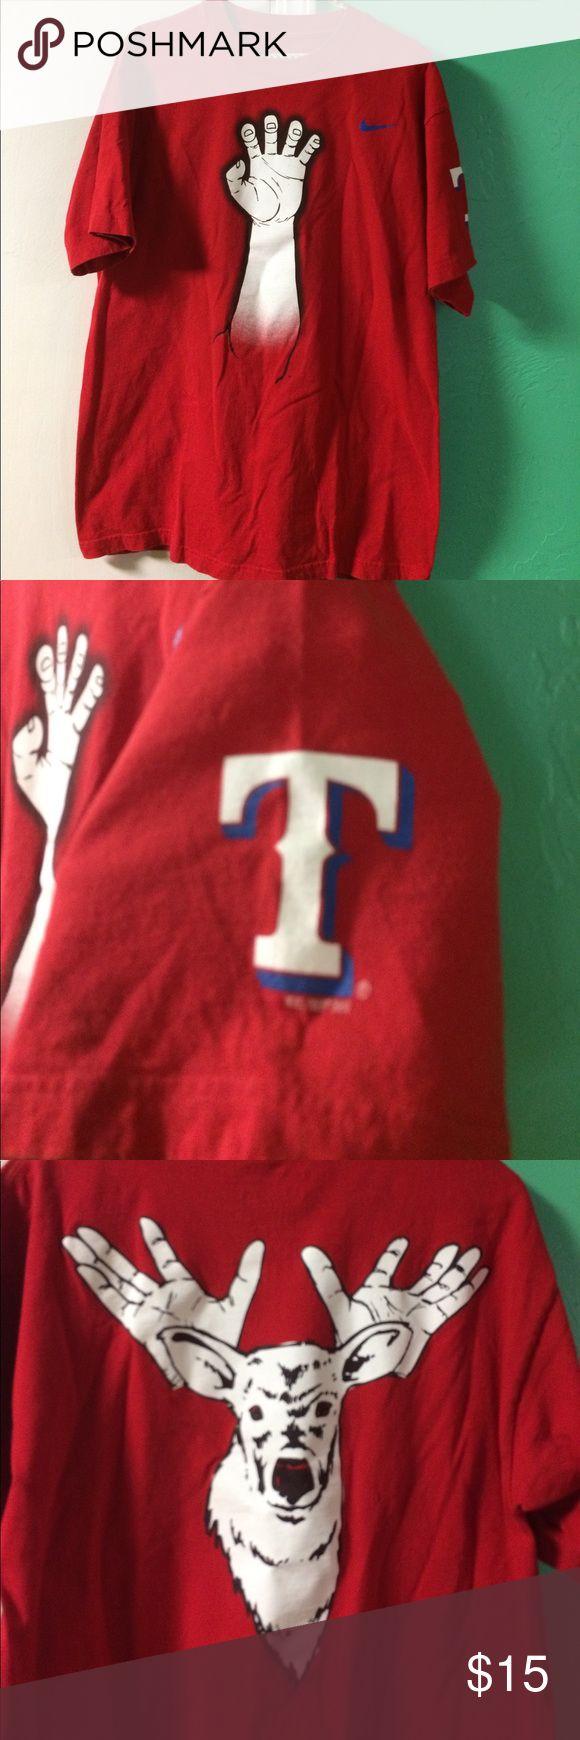 Texas Rangers shirt Nice quality Nike Texas Rangers shirt Nike Shirts Tees - Short Sleeve